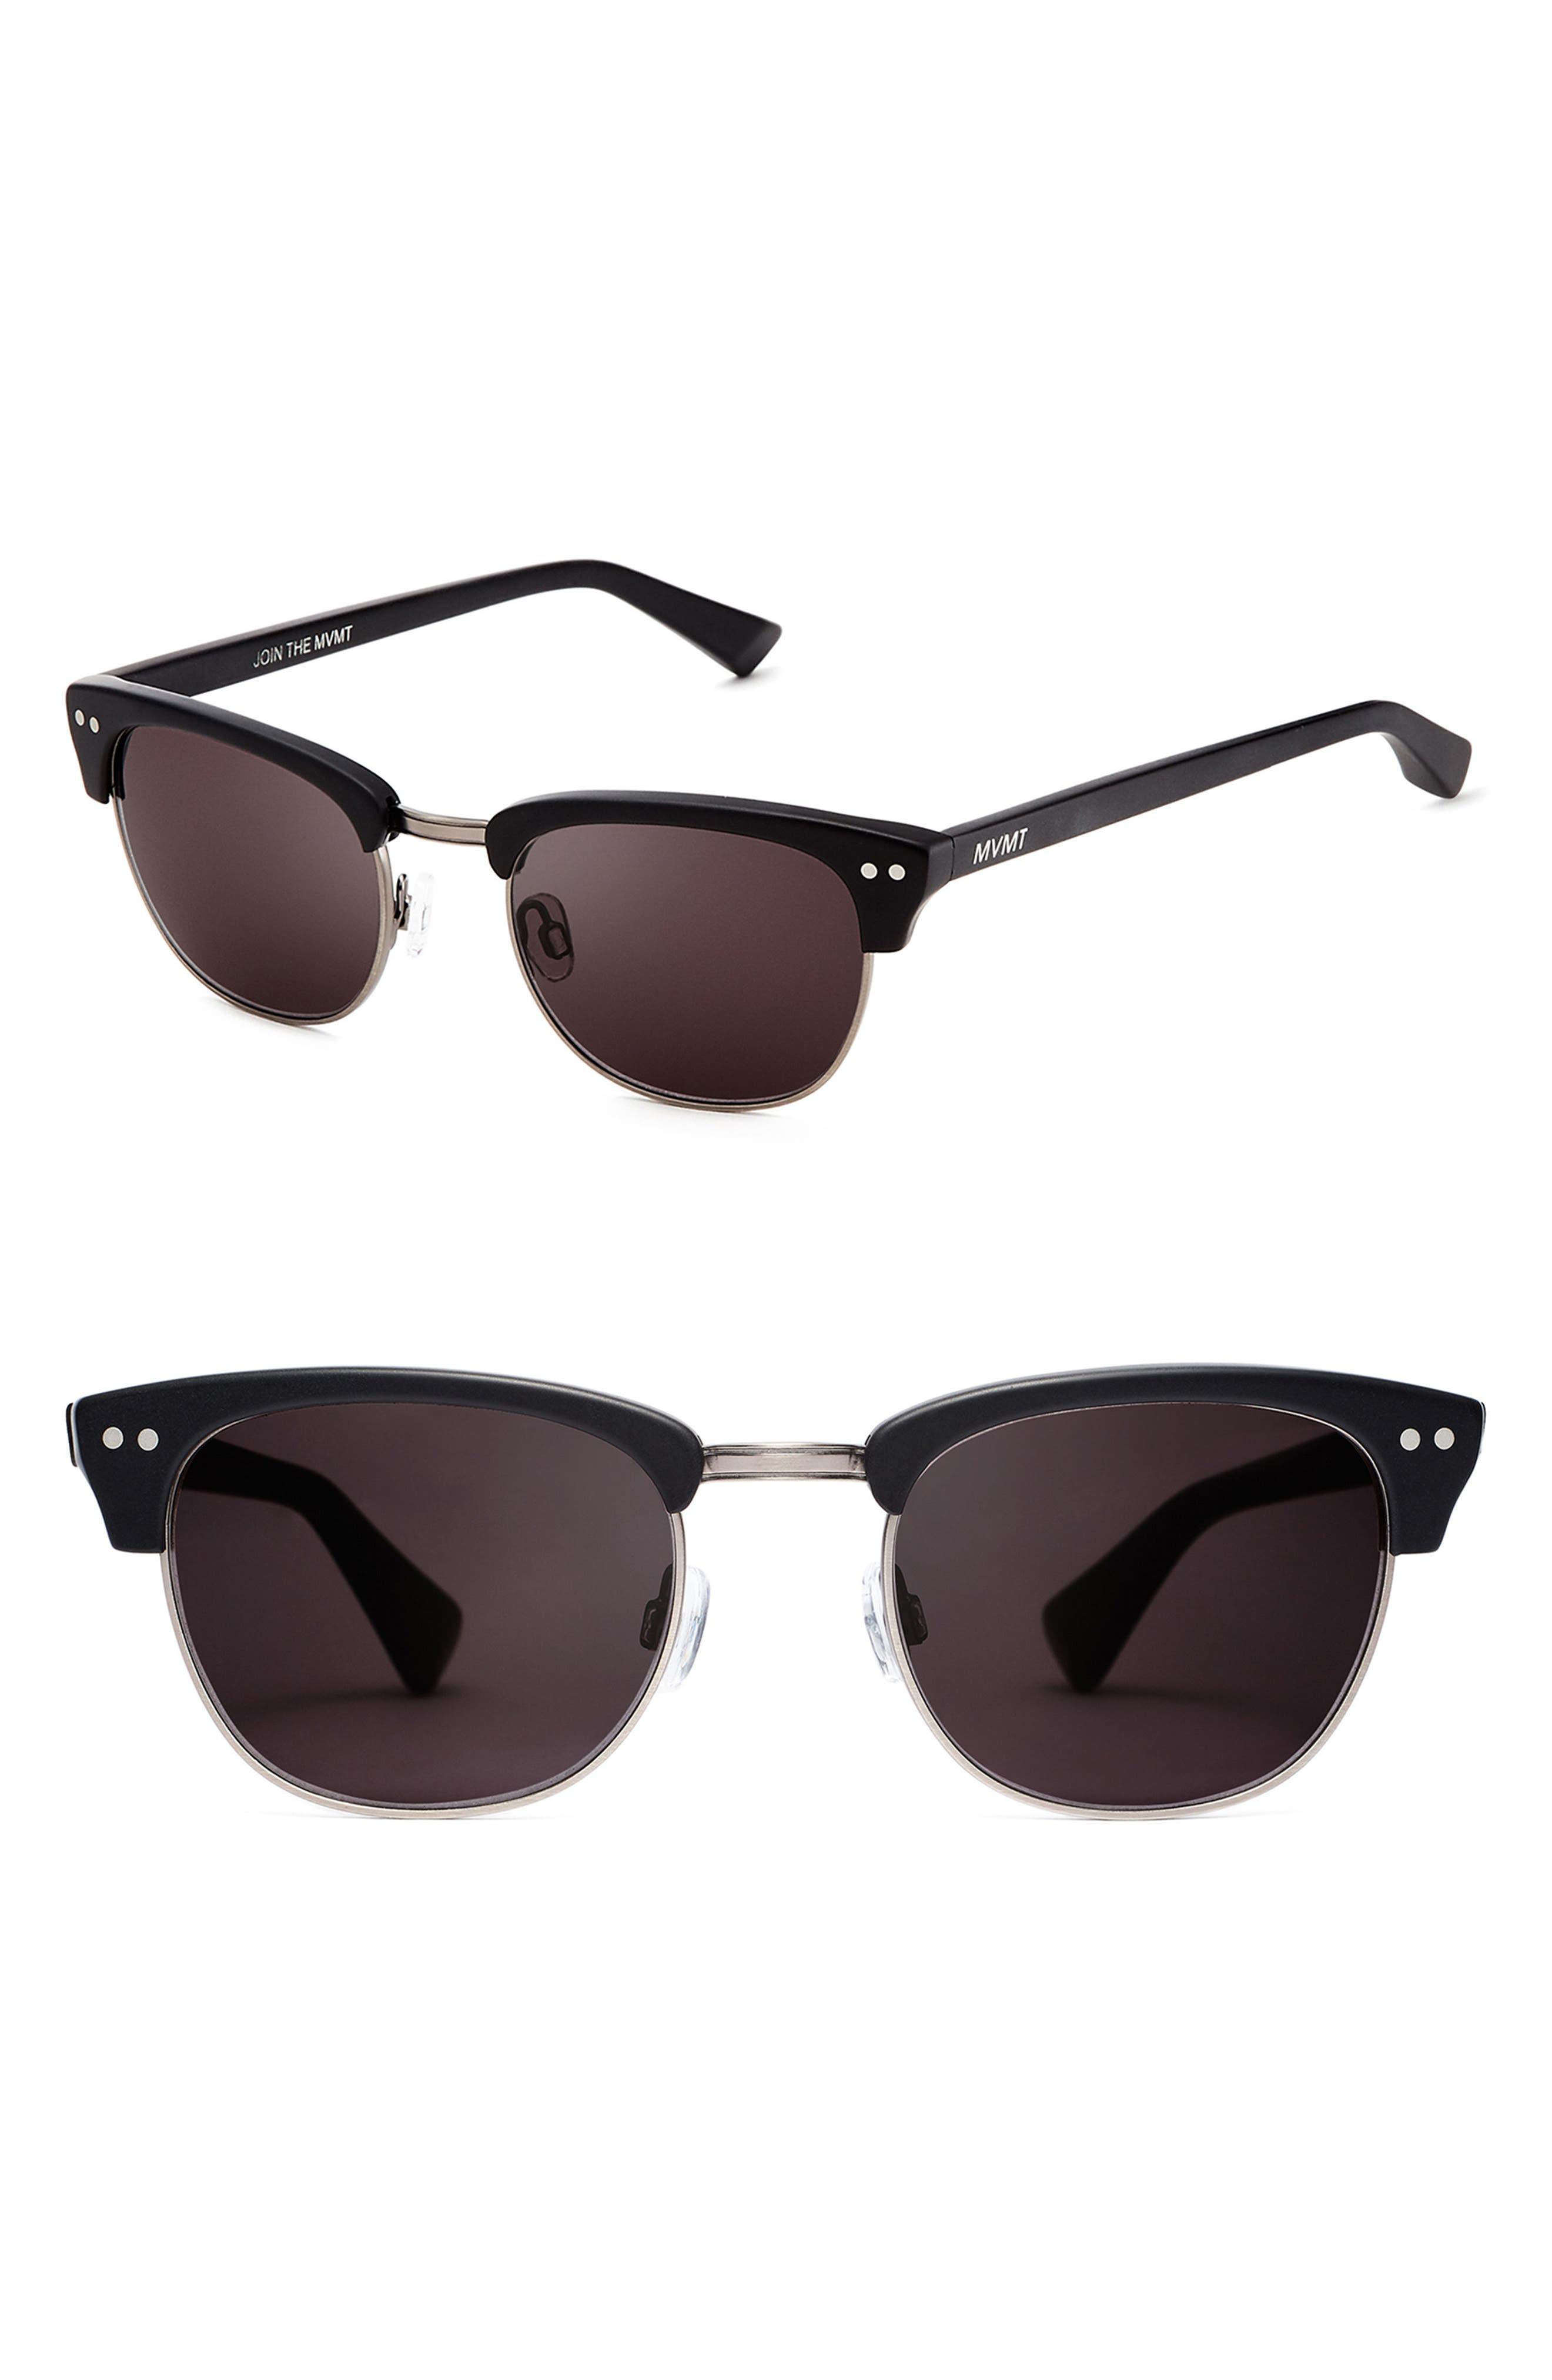 Legend 49mm Sunglasses,                         Main,                         color, MATTE BLACK